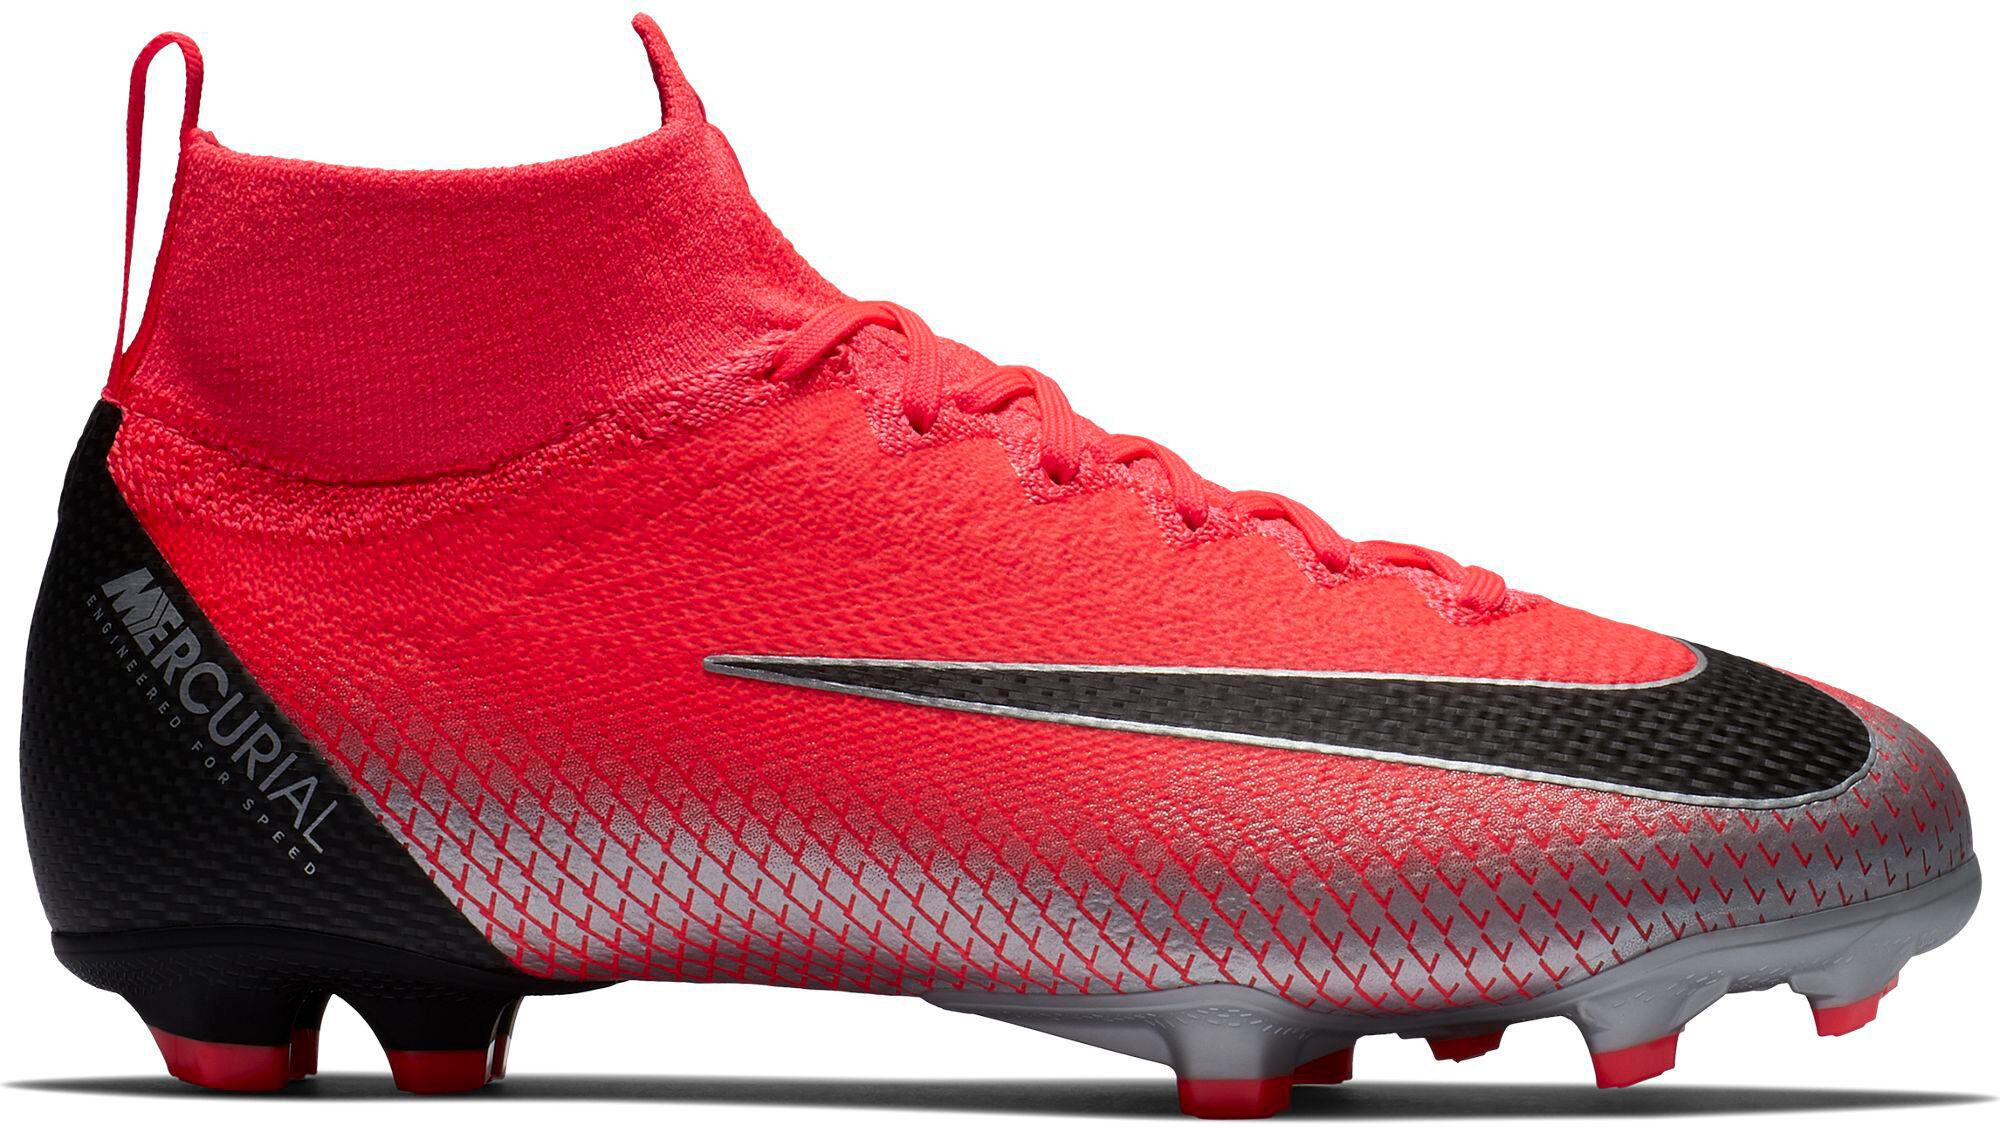 Nike Voetbal Nike CR7 Built on Dreams | INTERSPORT